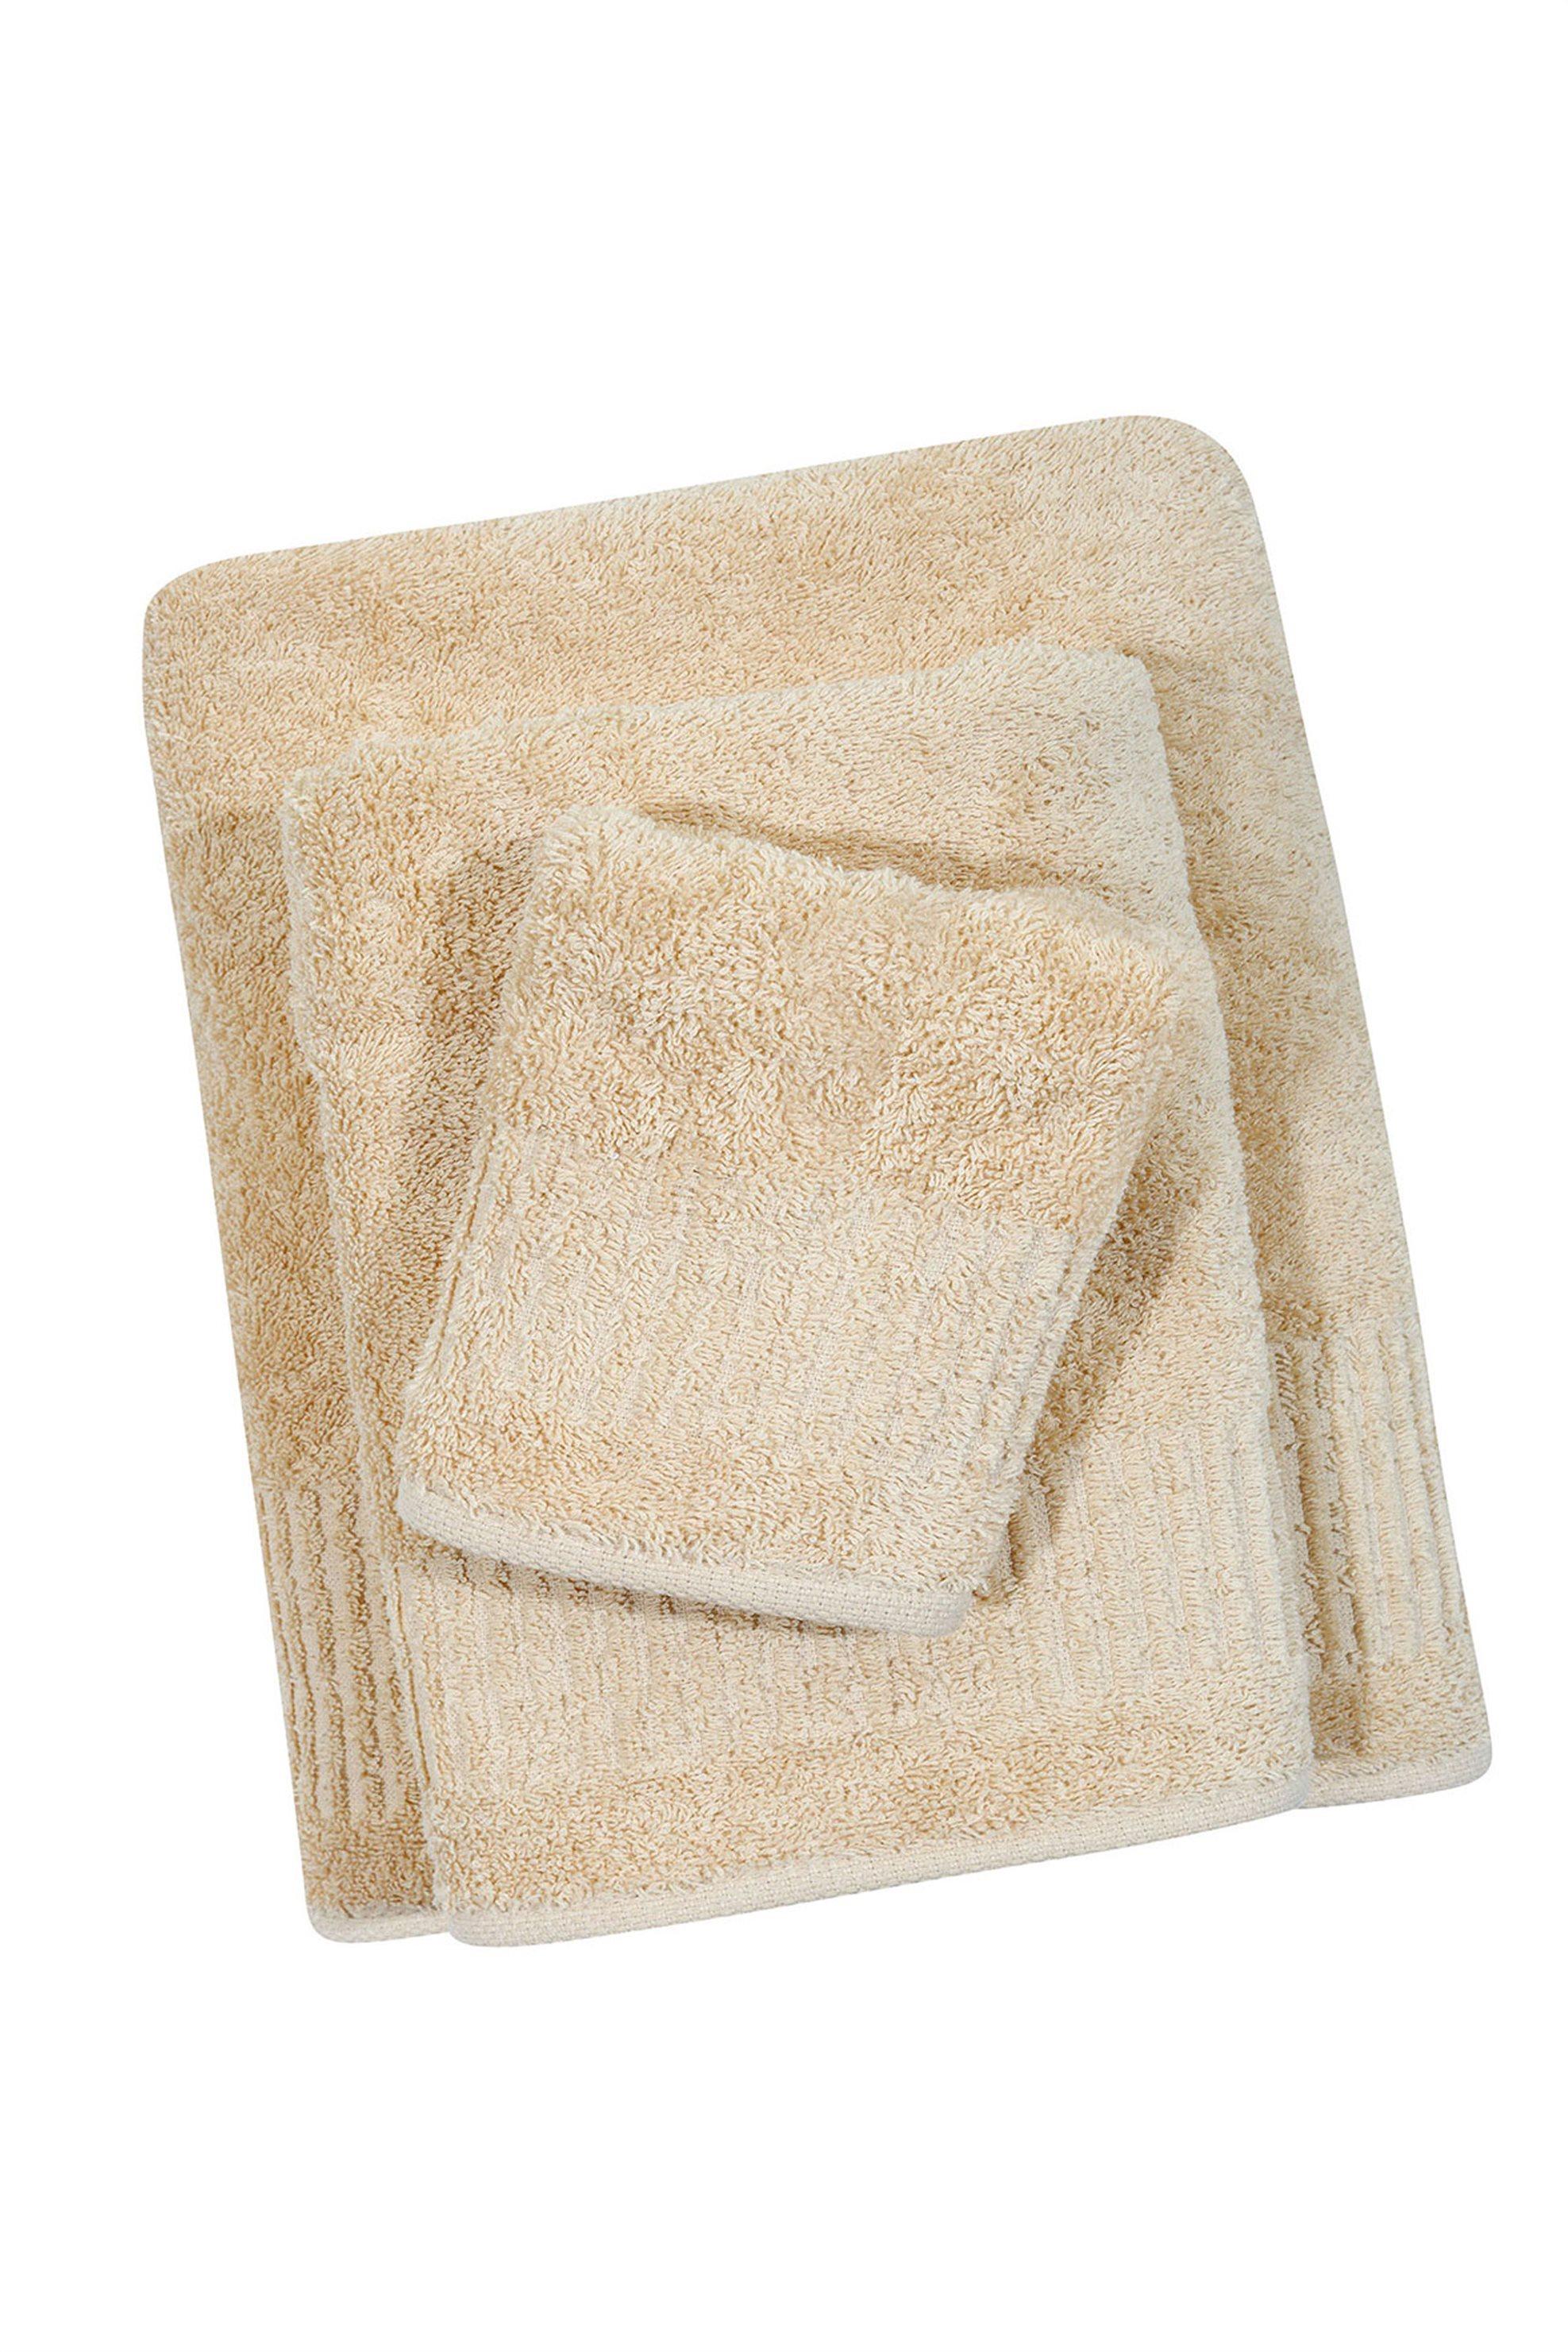 Πετσέτα προσώπου Prestige 50x90 1141 Das home - 46750901141 - Μπεζ home   μπανιο   πετσέτες μπάνιου   πετσέτες προσώπου